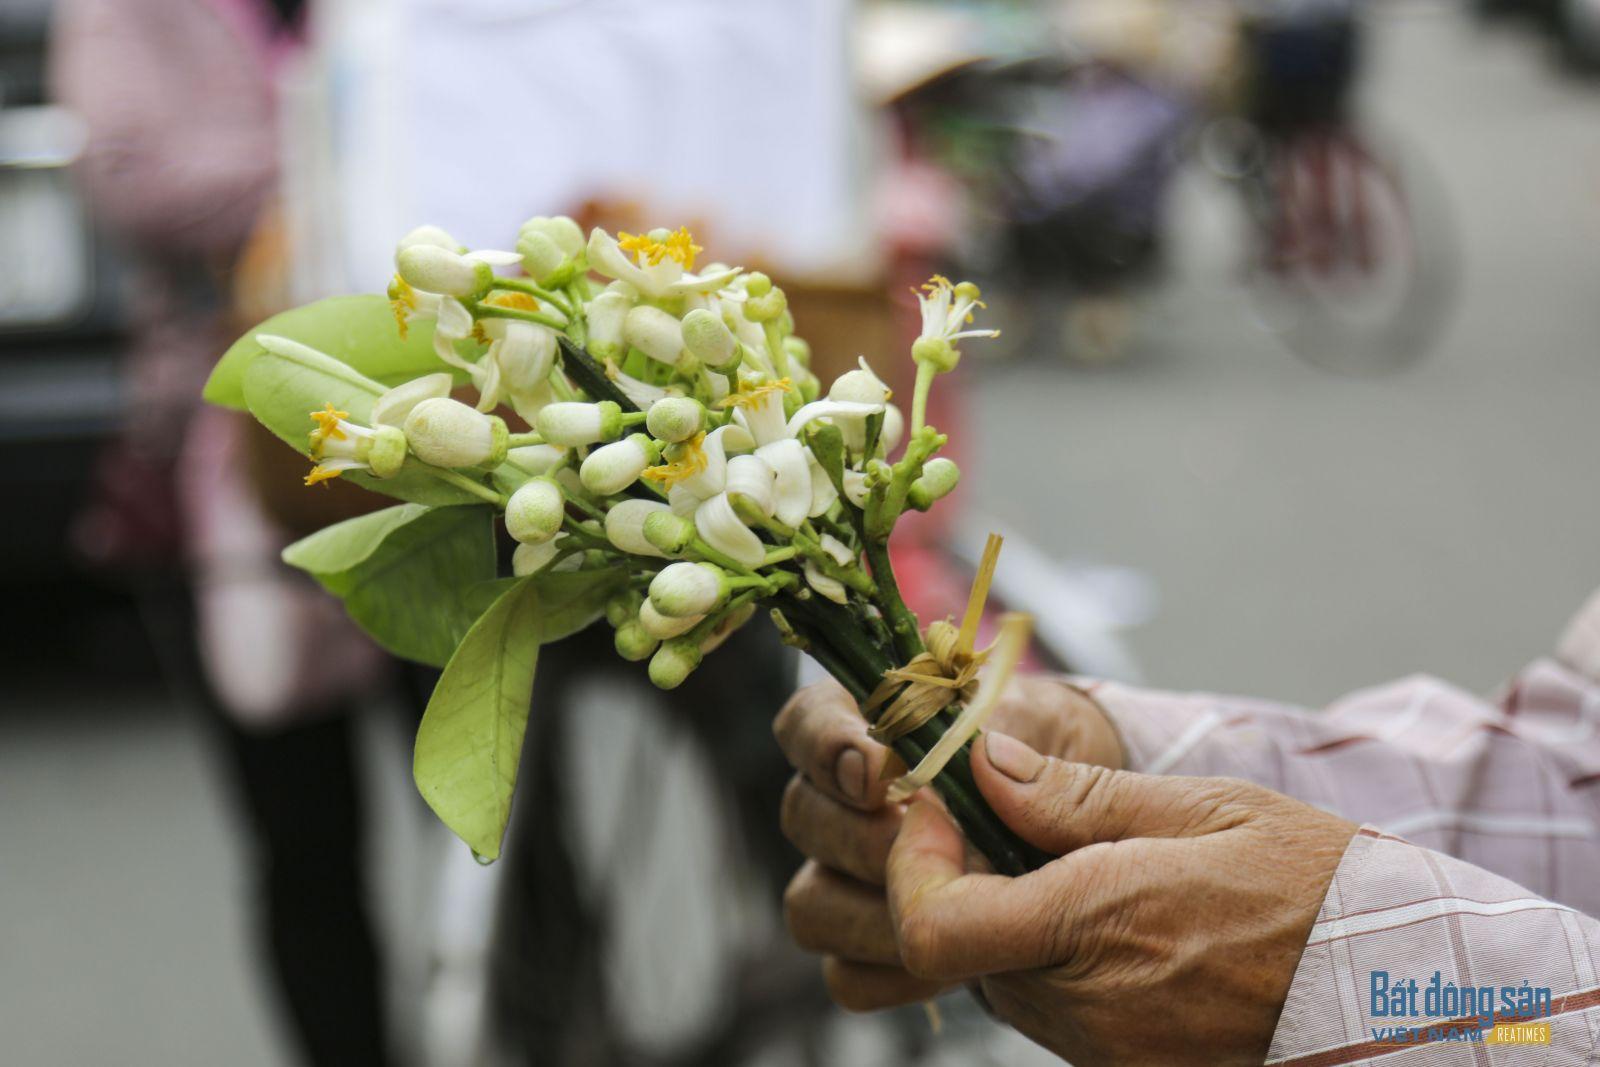 Hoa bưởi trên phố Hà Nội